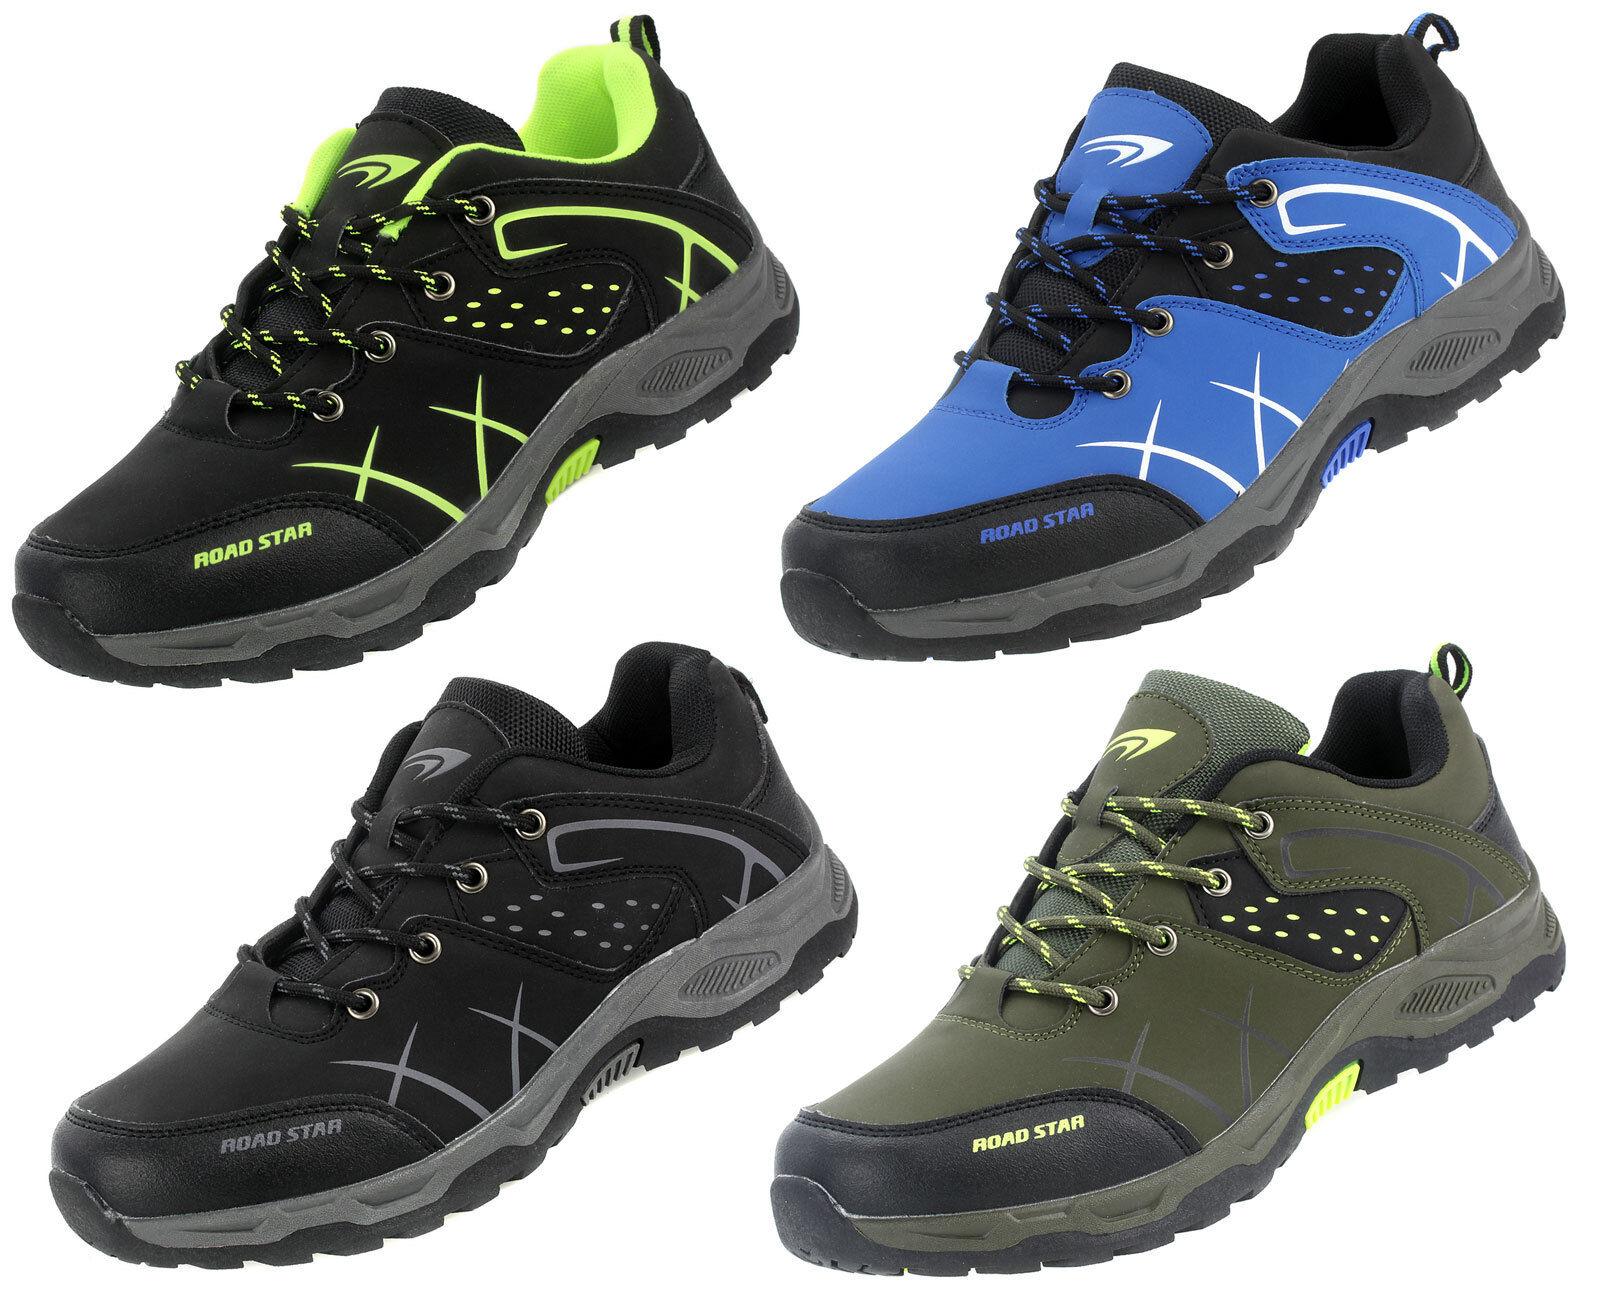 Trekking Herrenschuhe Jungen Sneaker Outdoor Sport Freizeit Schuhe Neu 82837